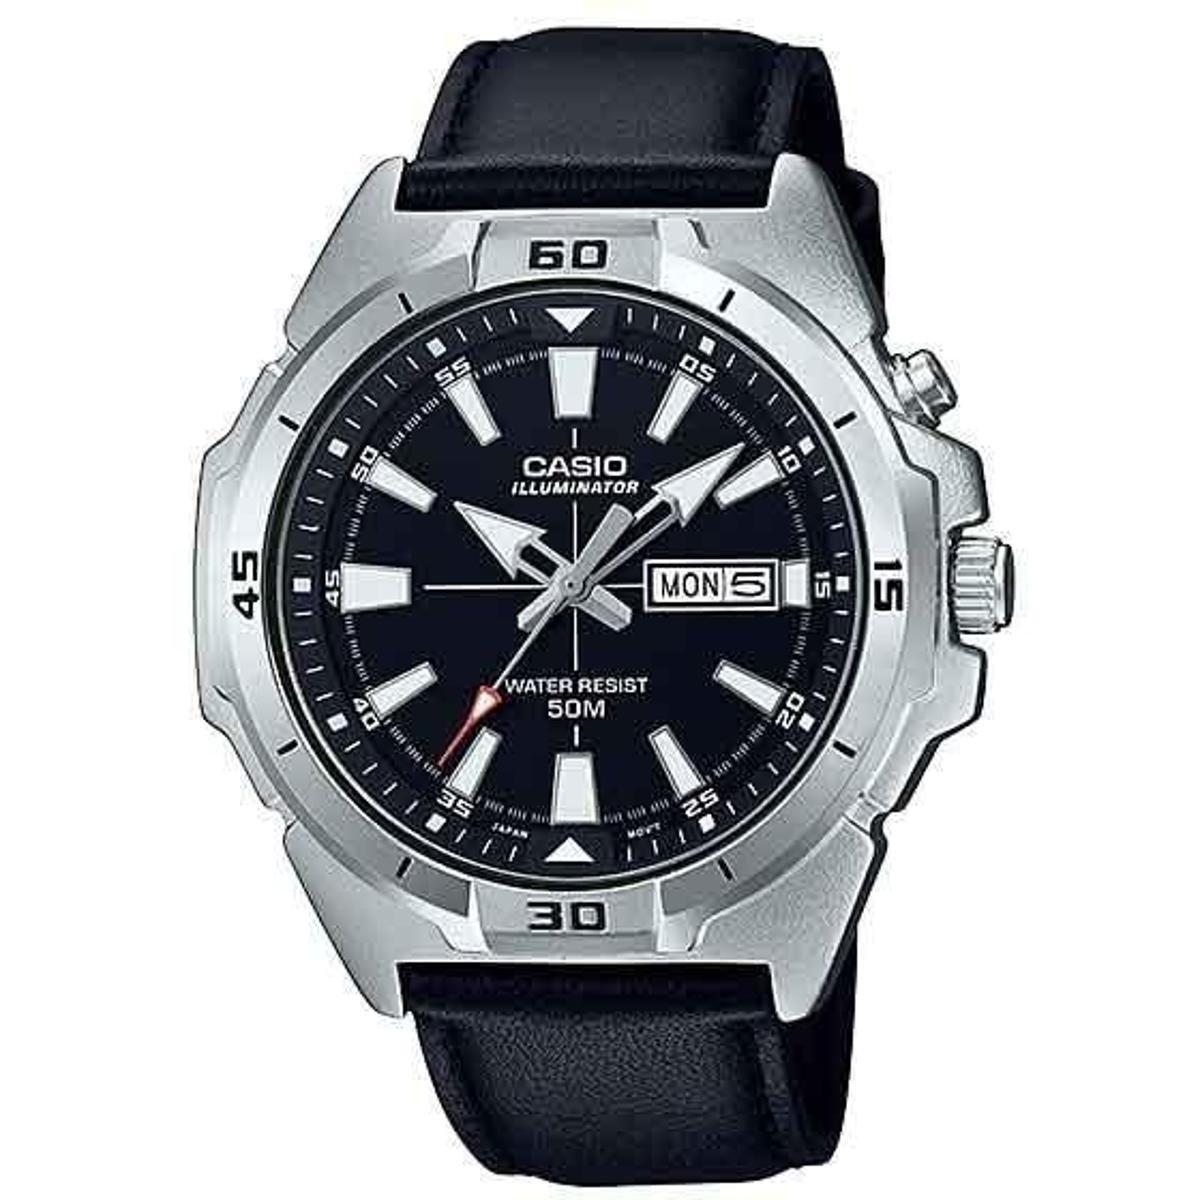 d4c945444ab Relógio Casio Mtp-E203l-1avdf-Br Masculino - Compre Agora